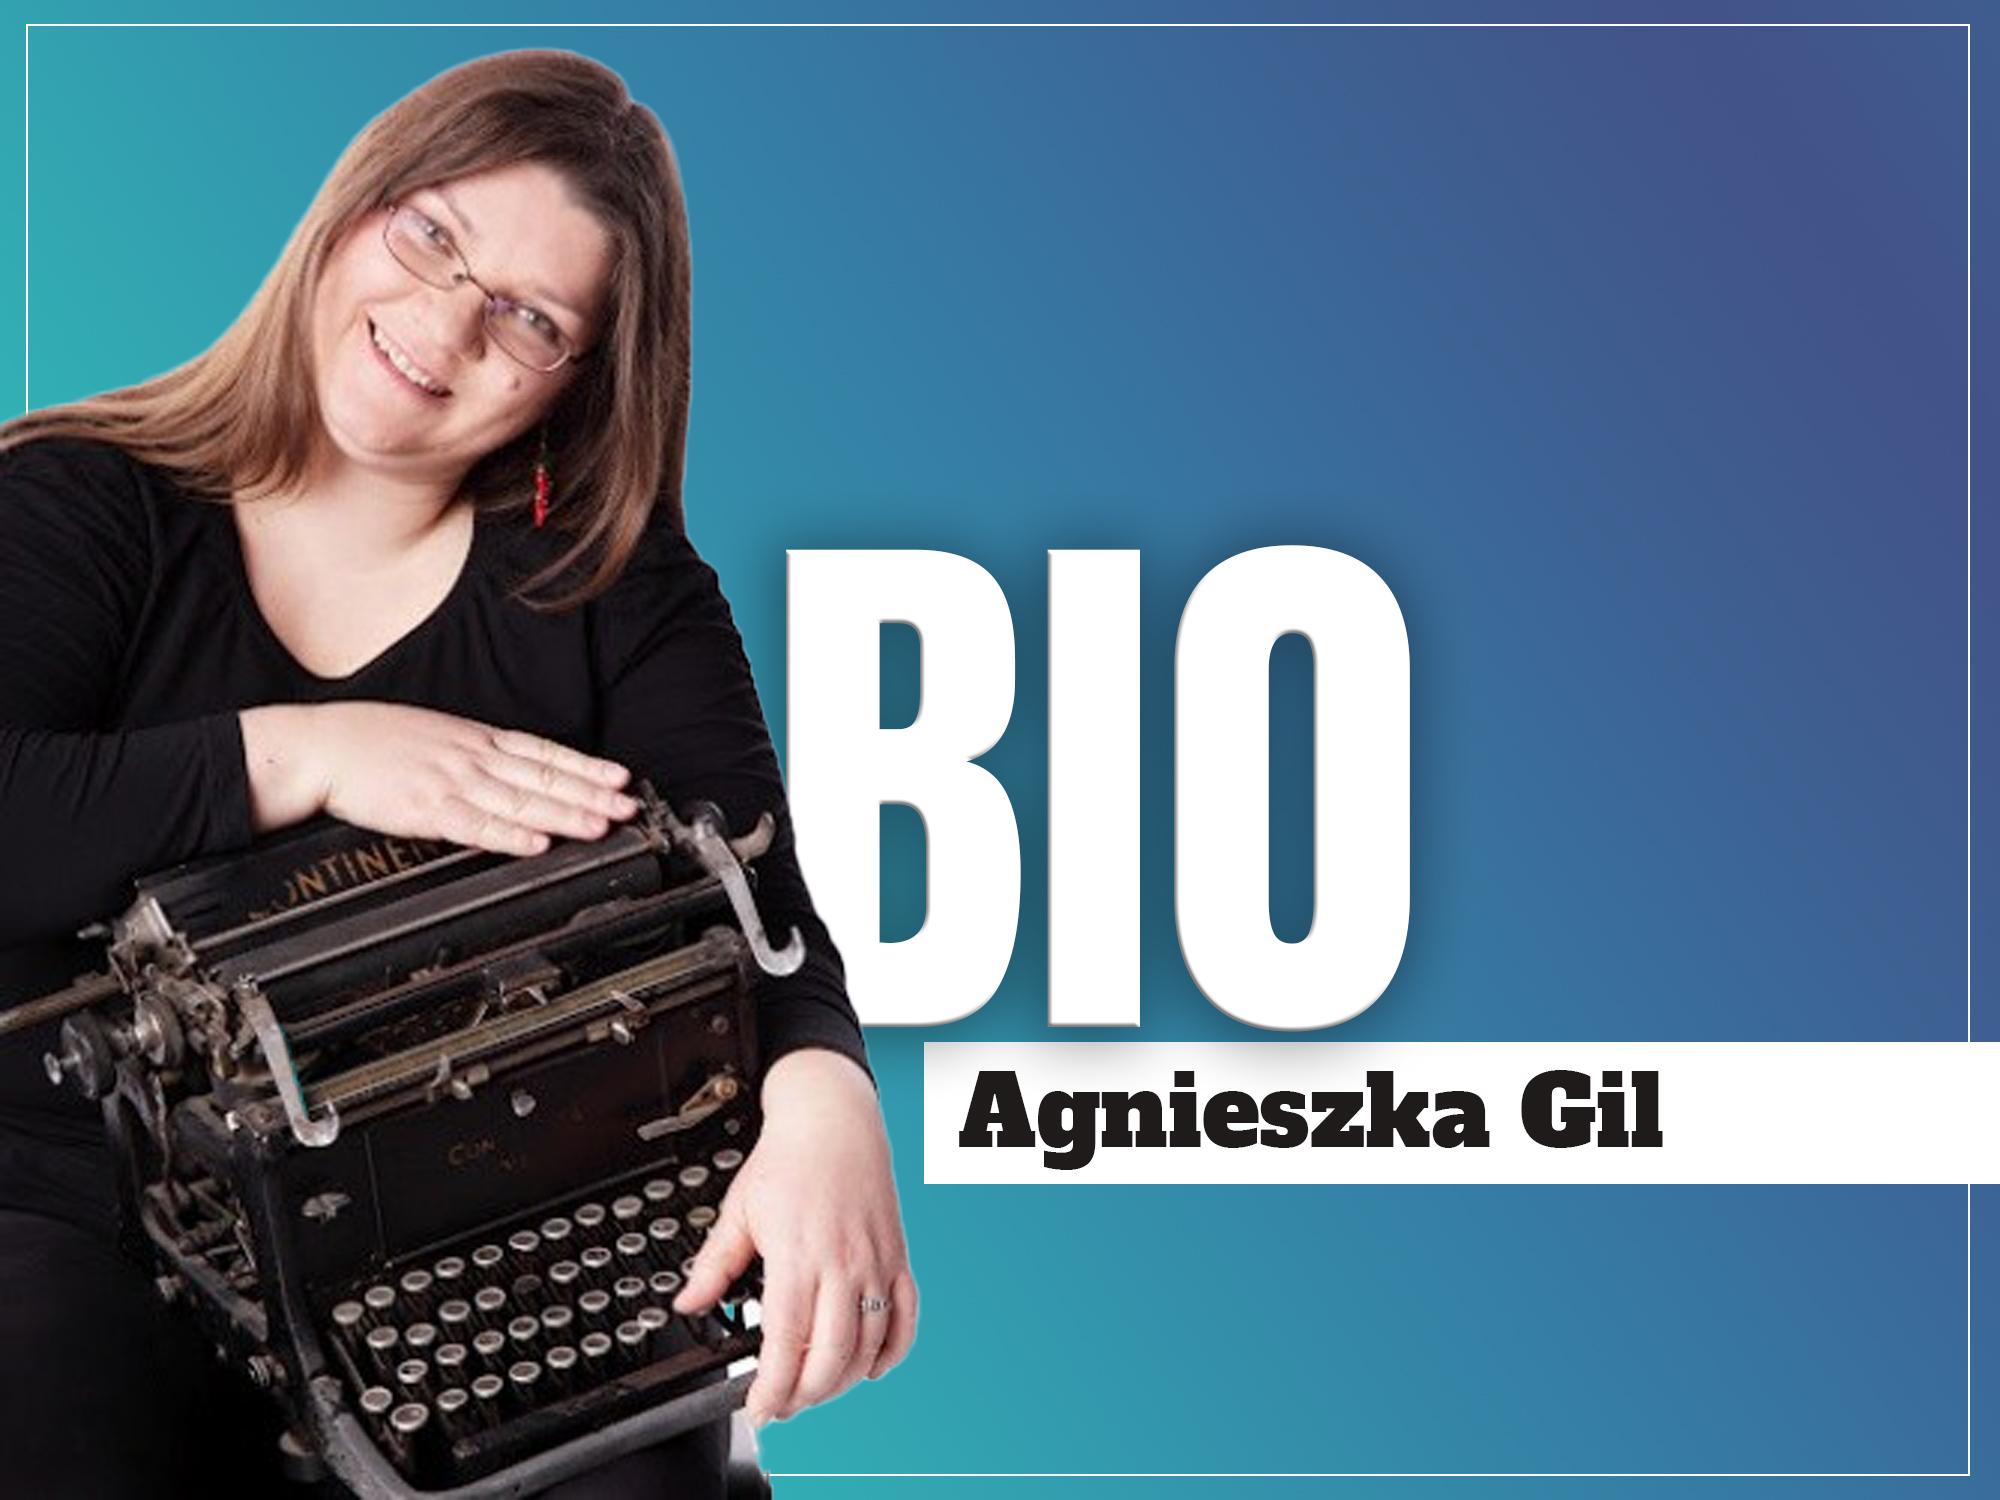 Agnieszka Gil